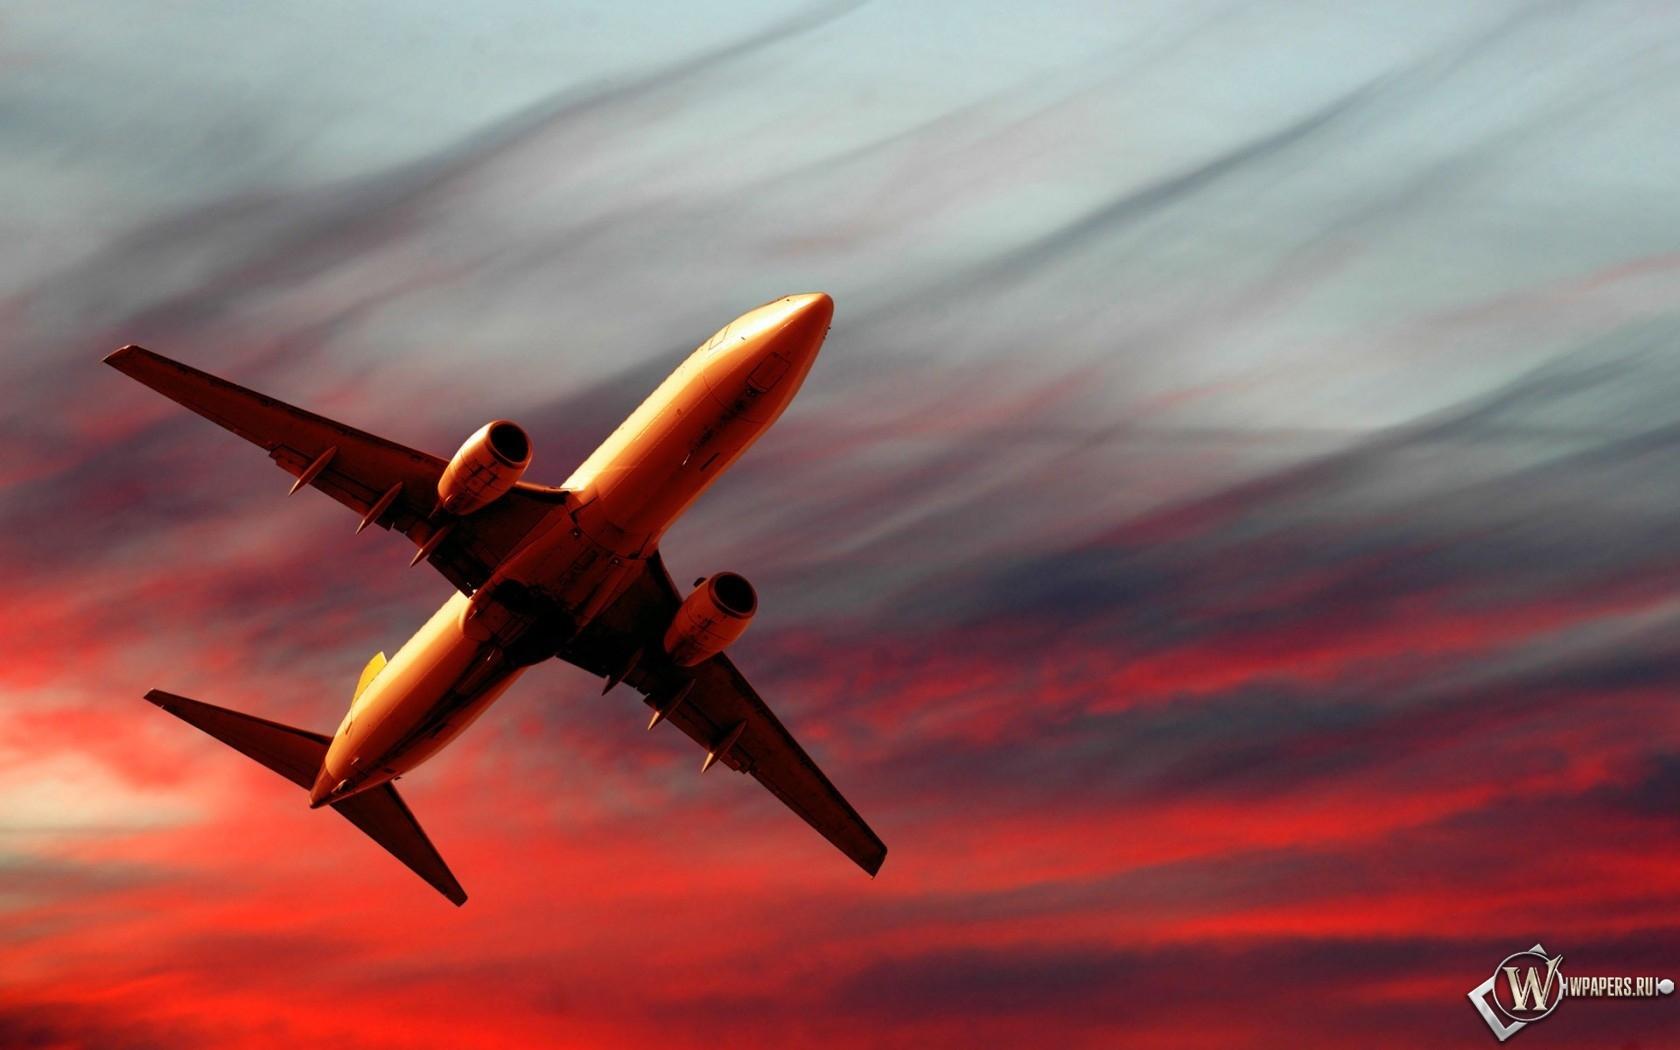 Полет самолета на закате 1680x1050